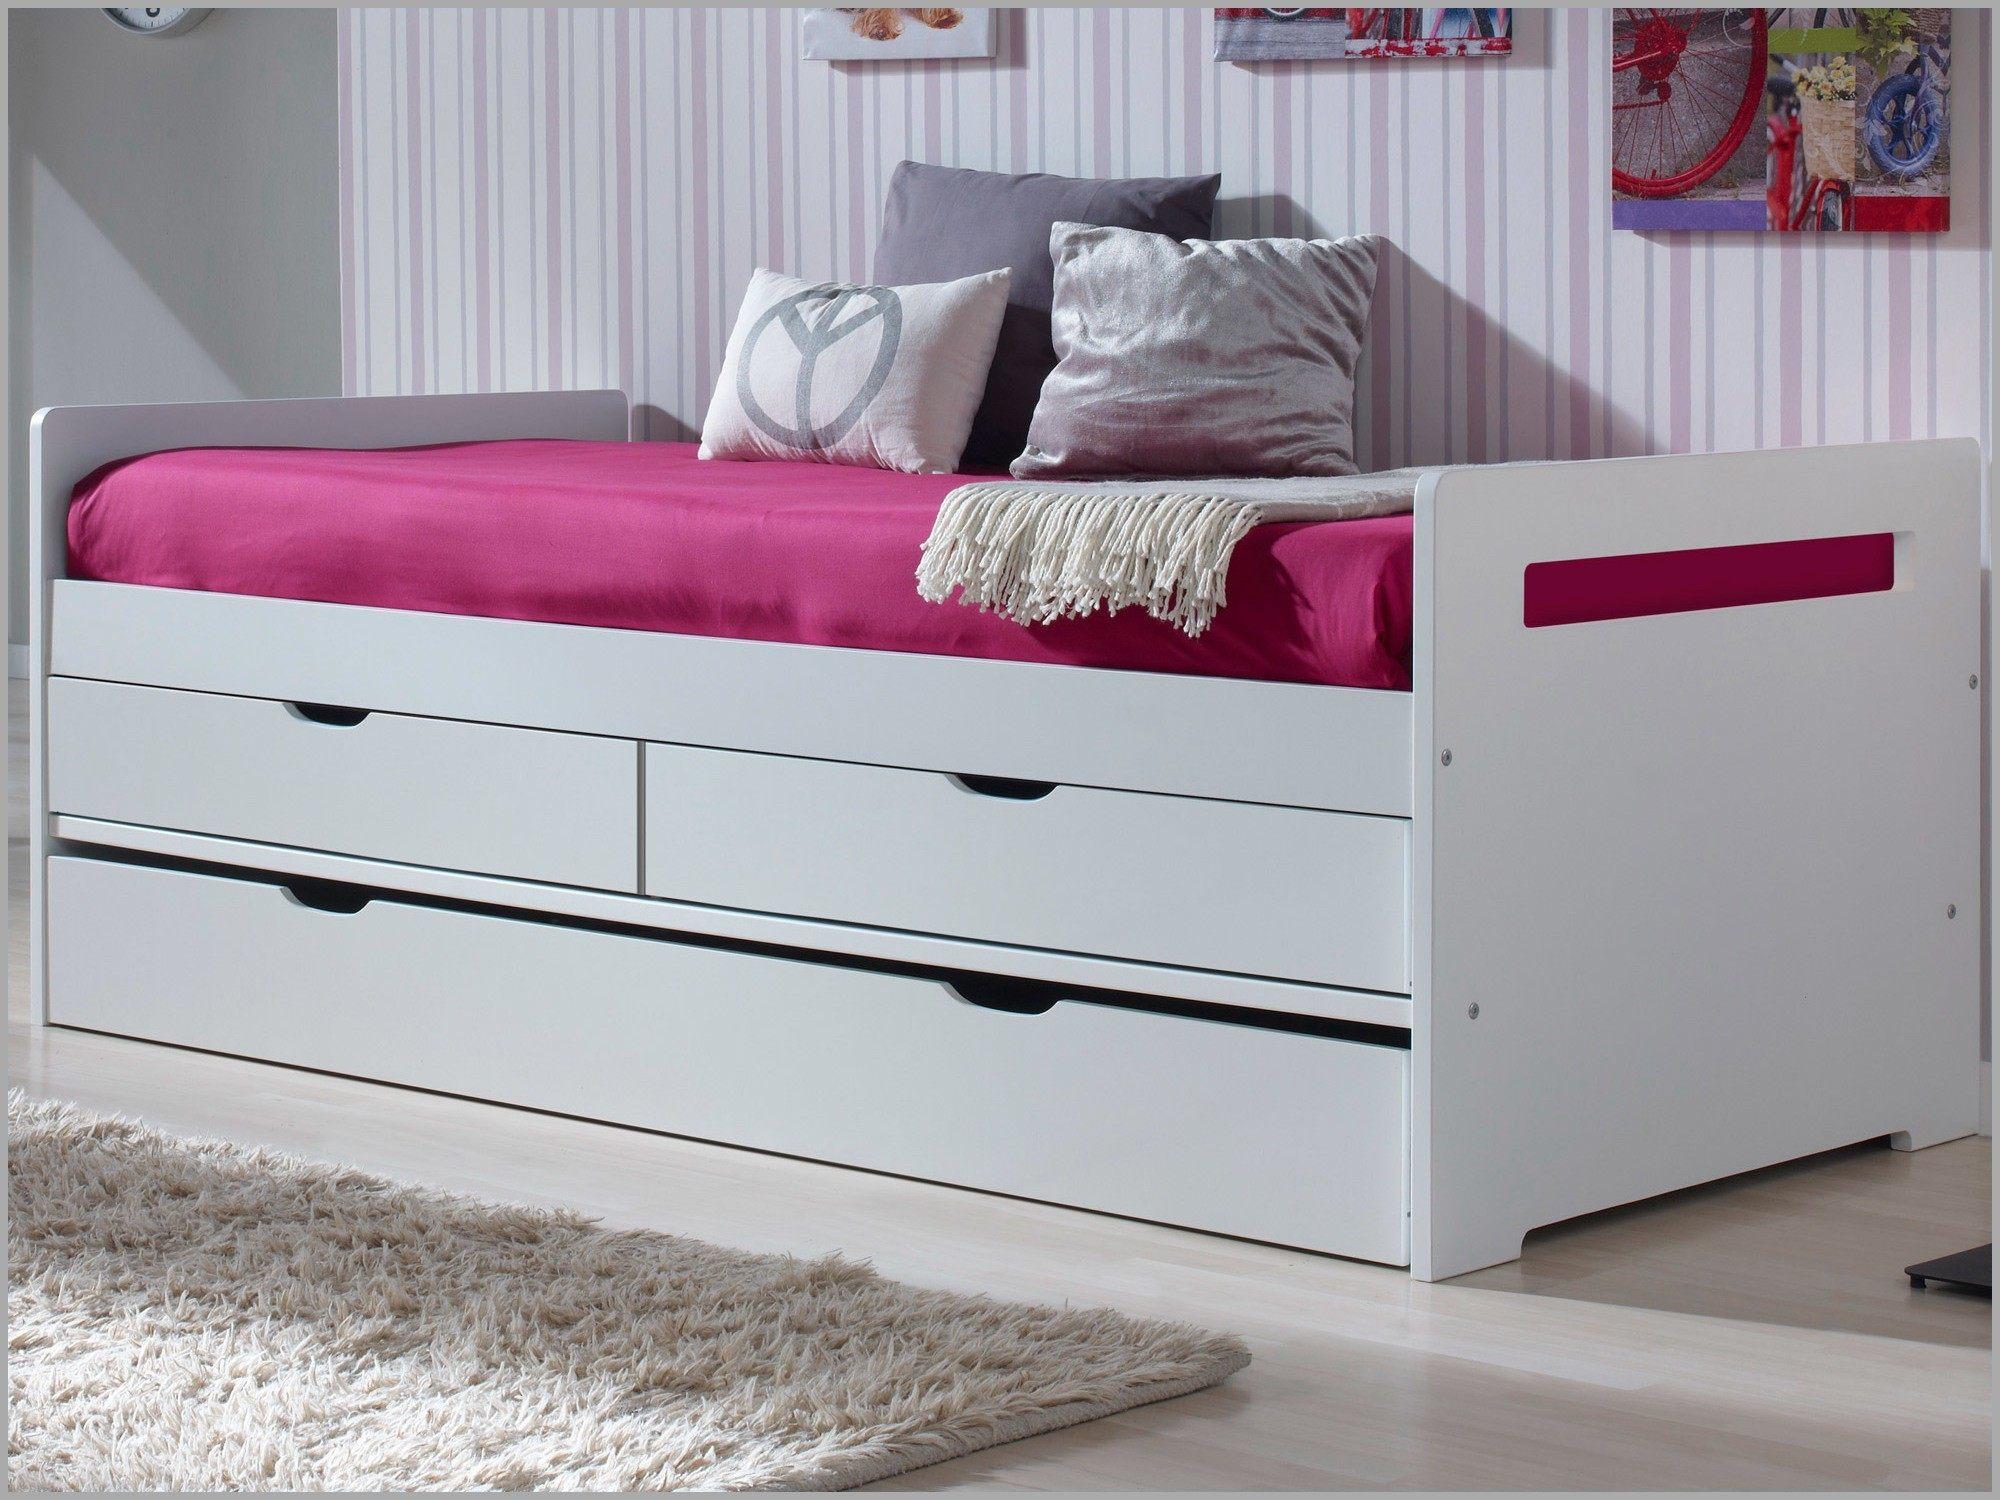 Lit 90x190 Avec Rangement Luxe Lit 90—190 Cm Avec sommier Lattes Blanc Interiors Lit 90x190 Avec